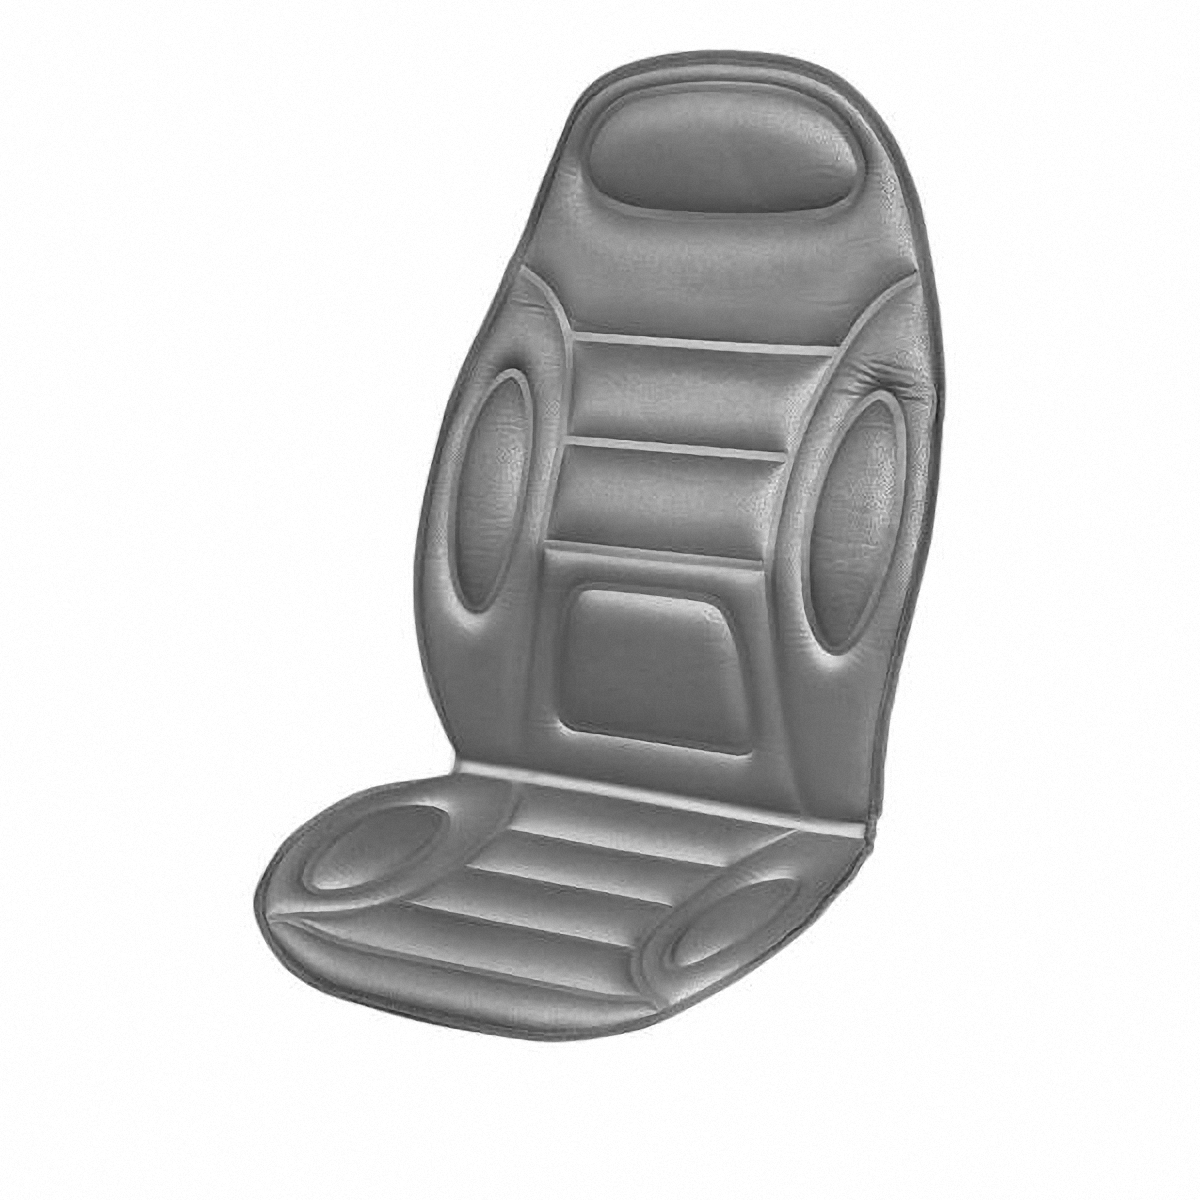 Накидка на сиденье Skyway, массажная, с подогревом. S02201014S02201014 (Накидка)Массажная накидка на сиденье Skyway с функцией подогрева имеет 2 вида массажа, продолжительный или пульсирующий, 5 режимов интенсивности. Зоны массажа: нижняя и верхняя части спины и бедра. Есть пульт управления и удобный карман для его хранения в нижней части накидки с правой стороны. Функция обогрева предназначена для создания комфортной температуры 37-40 градусов и расположена в поясничной зоне. Оснащена предохранителем, который в случае нежелательного перепада напряжения защитит изделие и бортовую сеть автомобиля. Накидка подходит для всех размеров сидений.Напряжение: 12В. Количество режимов массажа: 5. Количество скоростей: 3. Температура подогрева: 37-40°C.